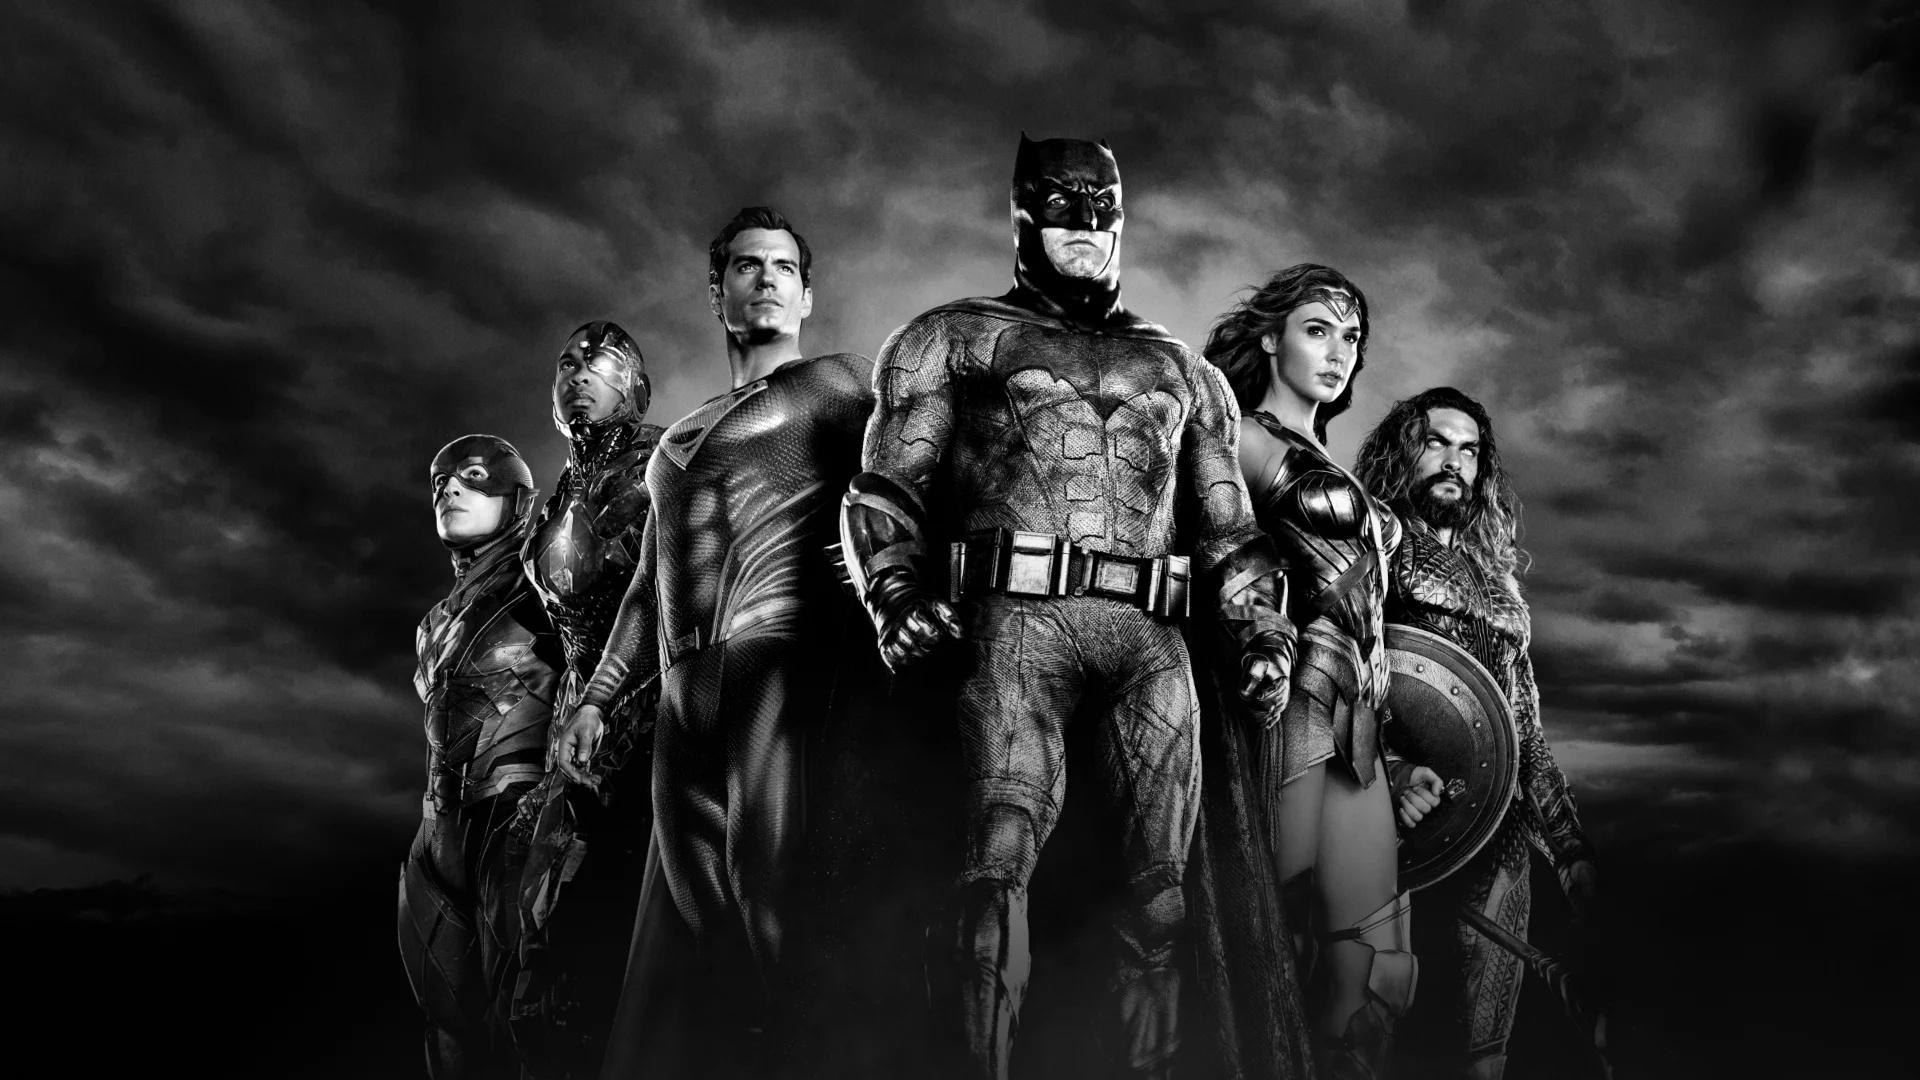 «Лига справедливости» Зака Снайдера уже доступна на «КиноПоиск HD»